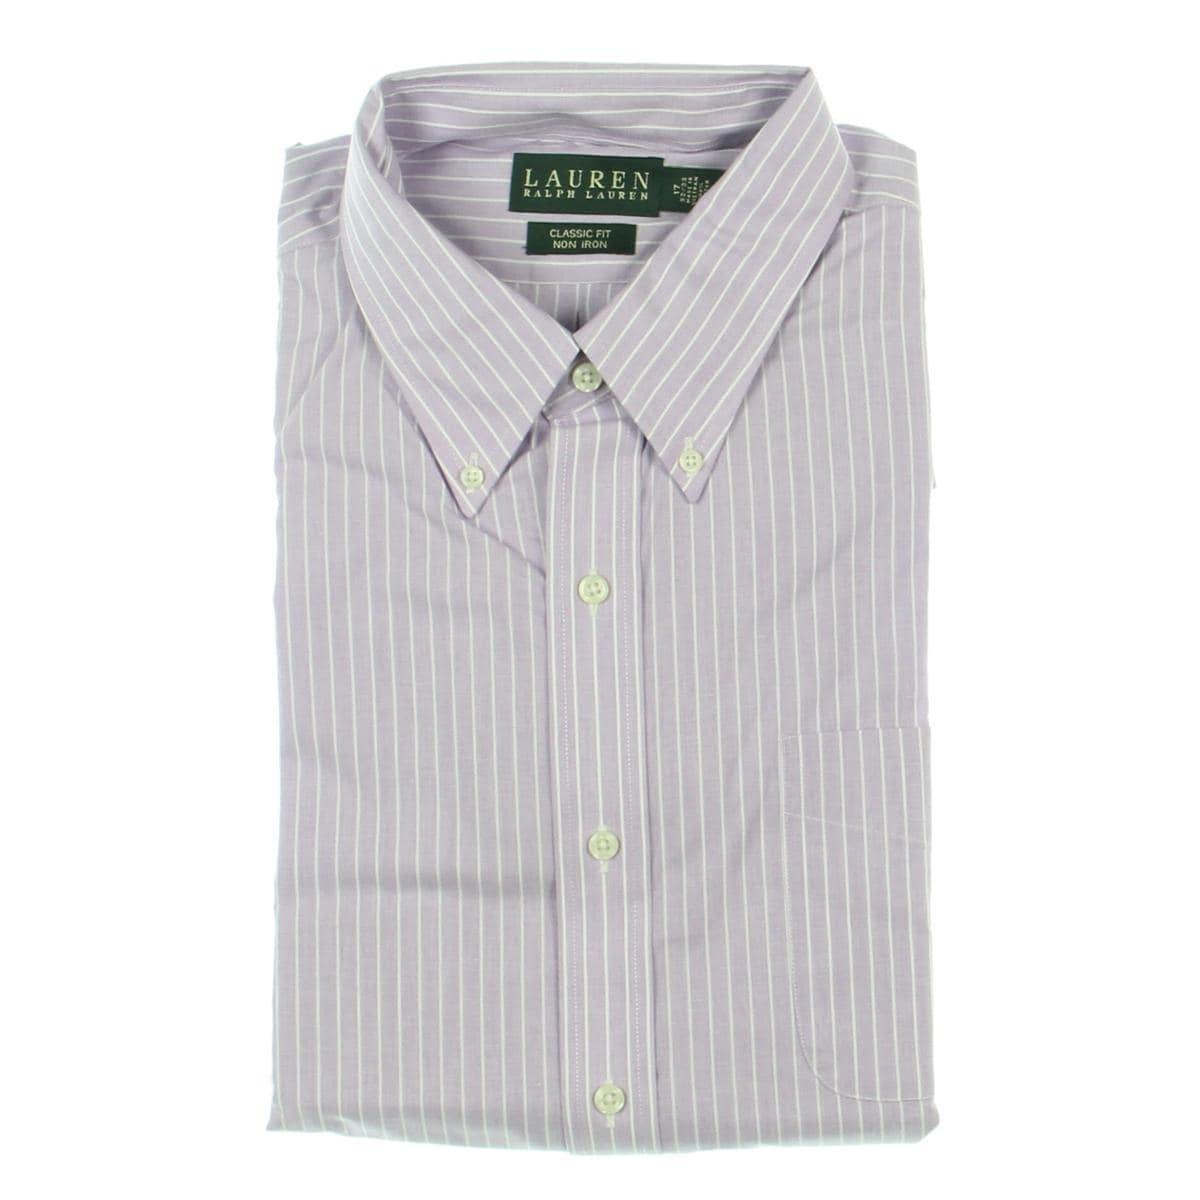 Lauren Ralph Lauren Mens Dress Shirt Striped Long Sleeves